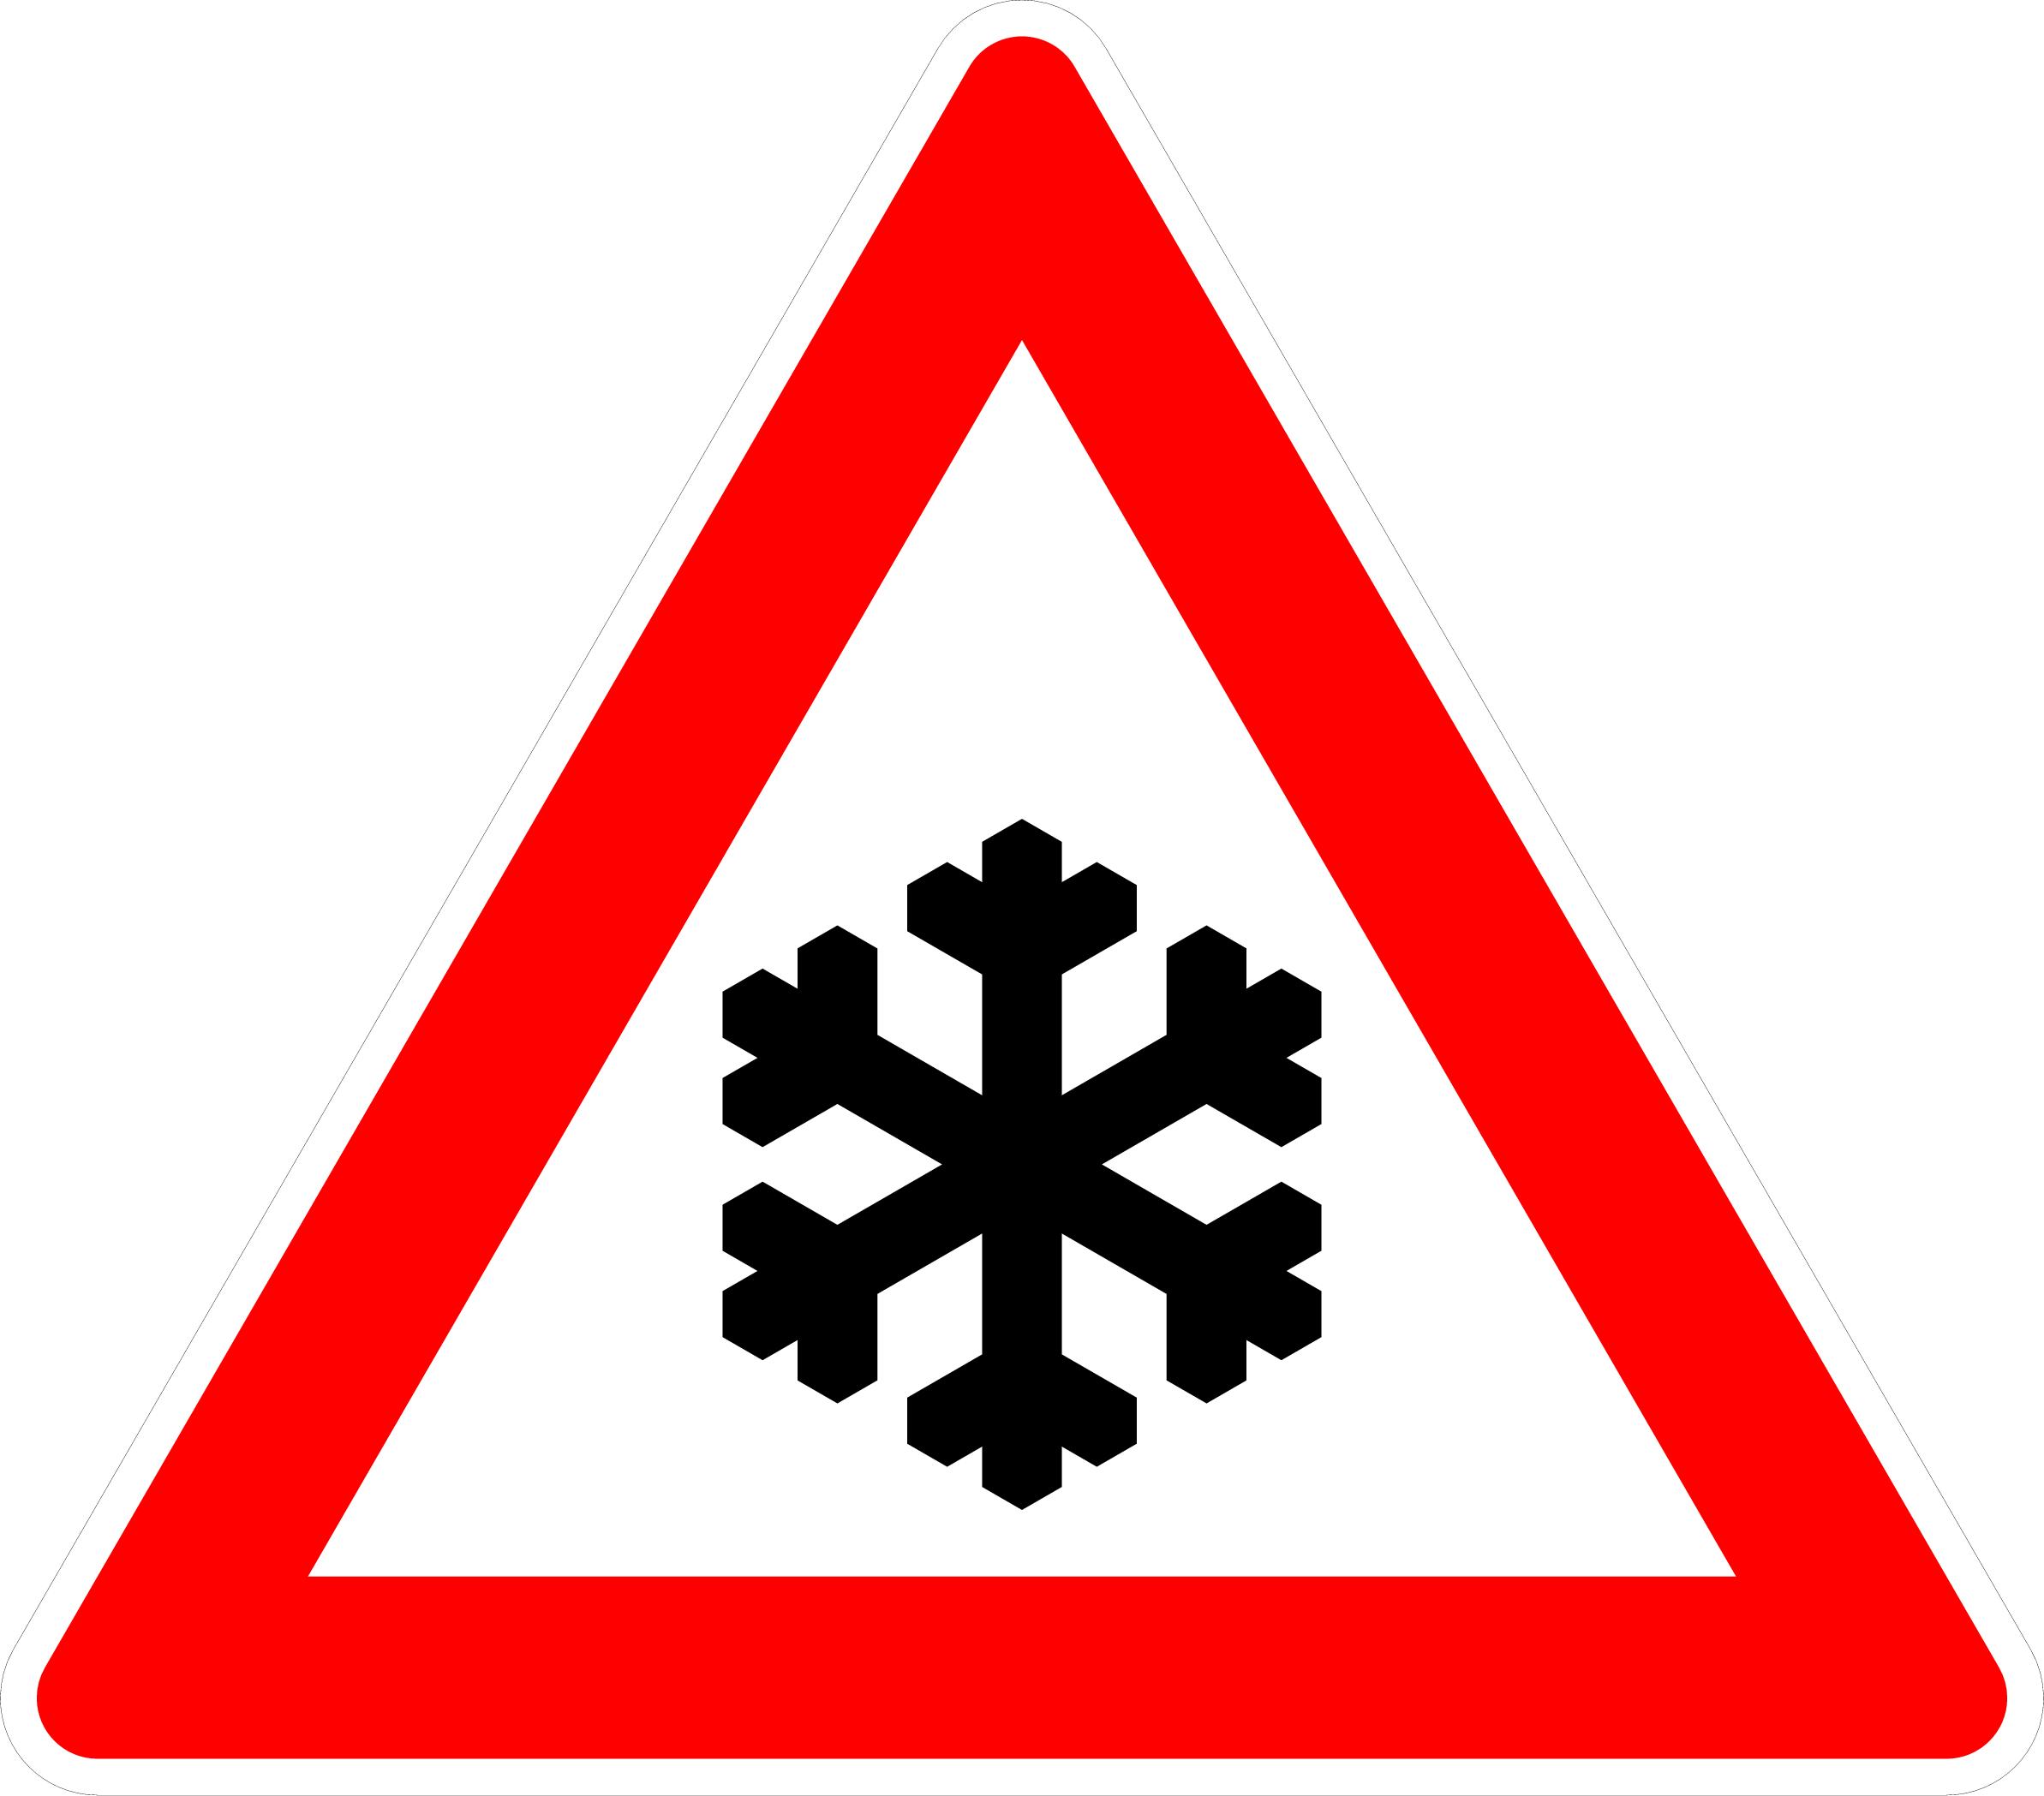 VZ 101-51 Schnee- oder Eisglätte